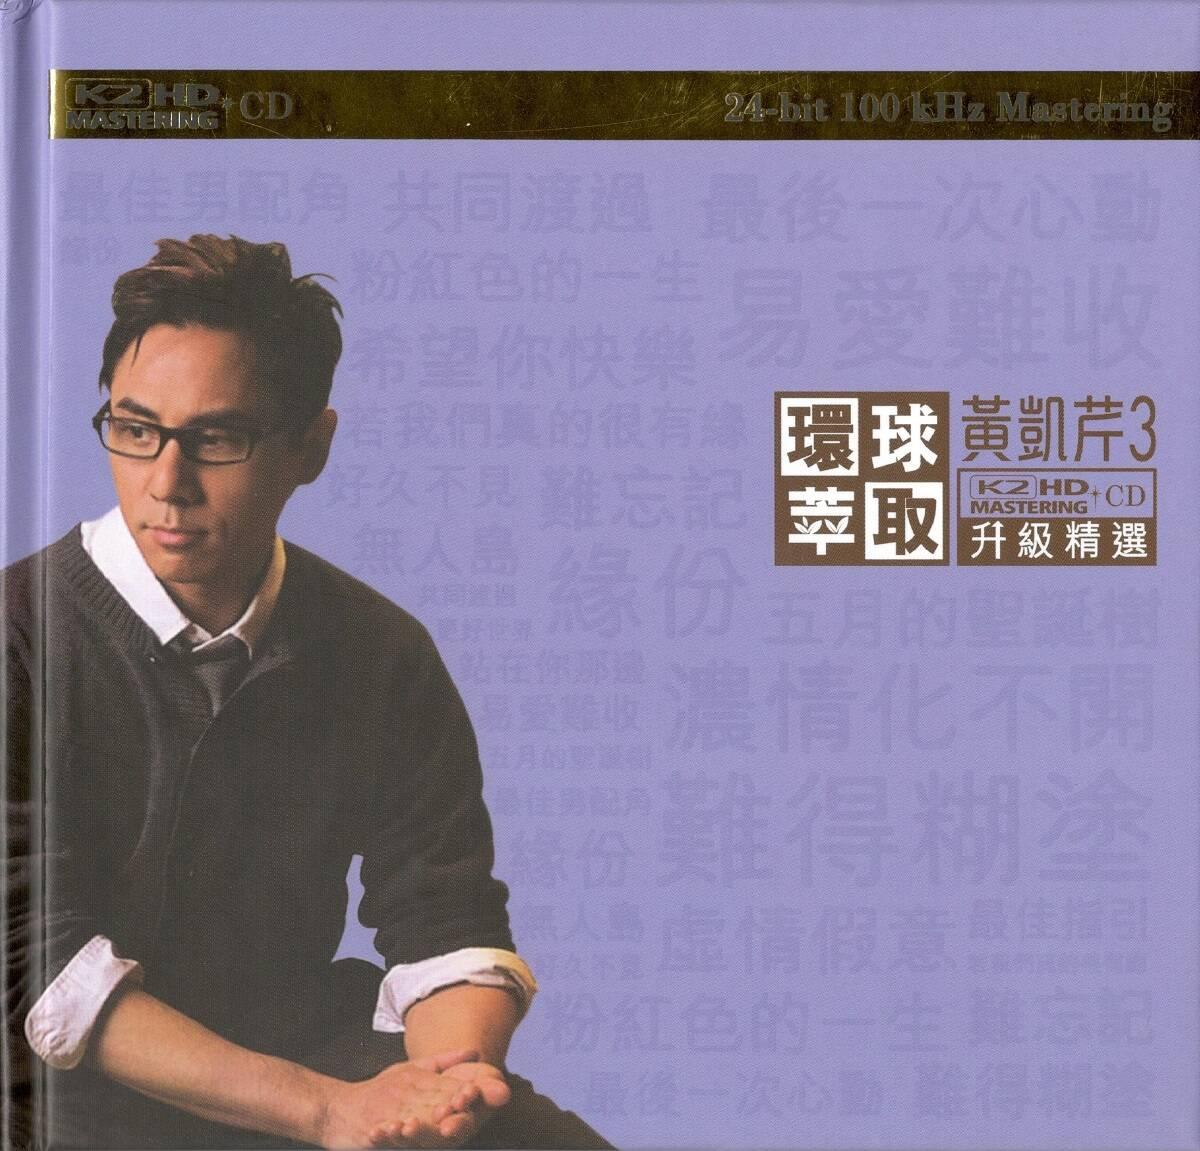 黃凱芹 (Christopher Wong) – 升級精選3 (2008) WAV 整軌